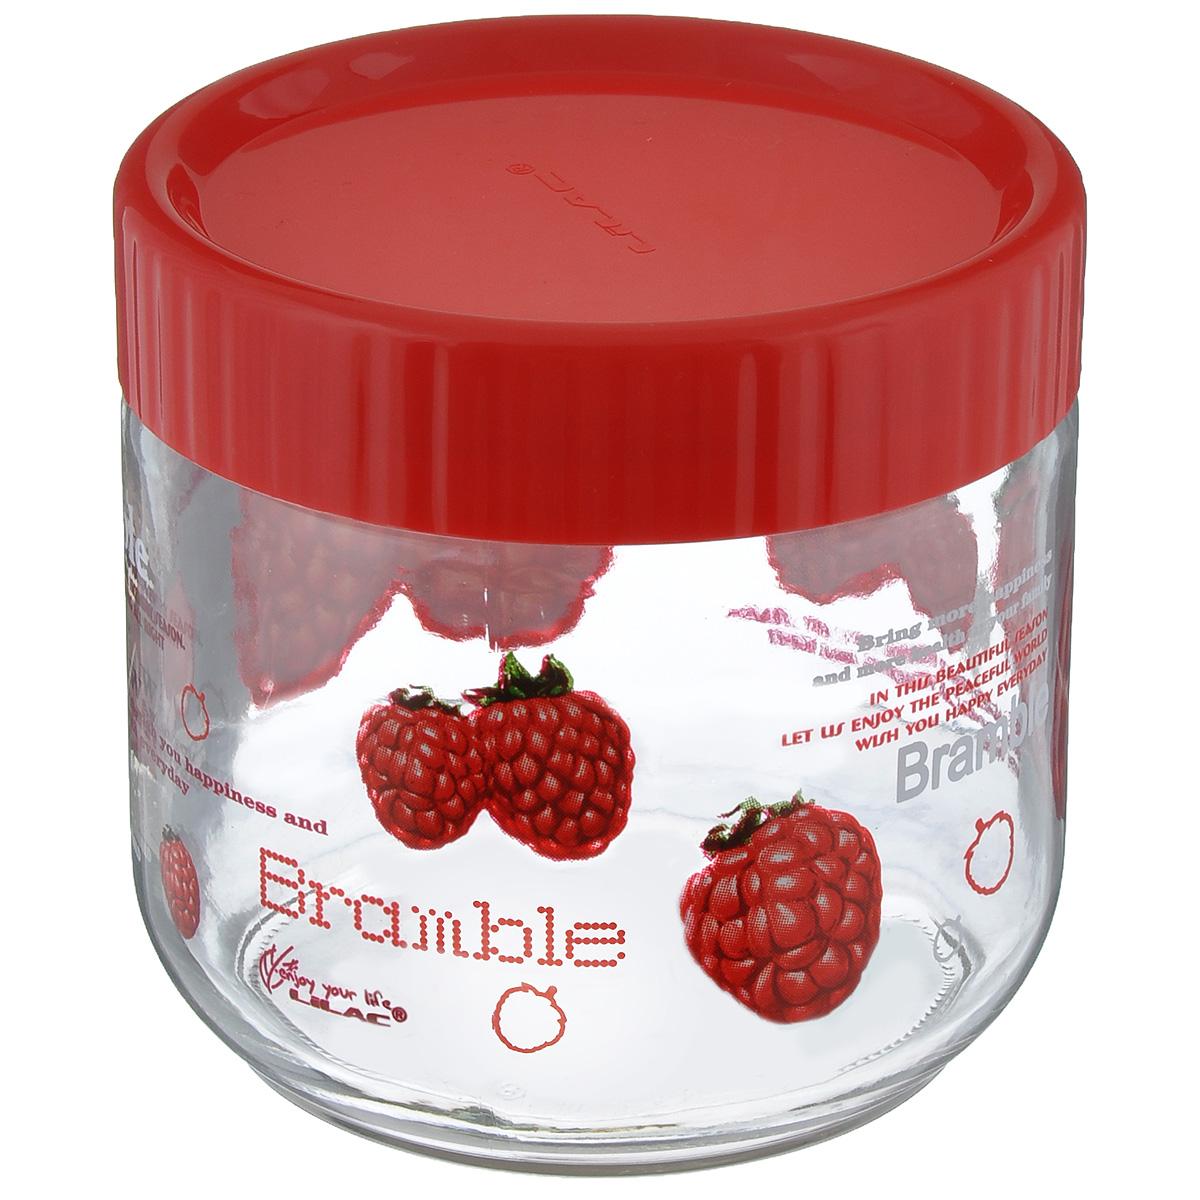 Банка для сыпучих продуктов Lilac, цвет: прозрачный, красный, 750 млLLSE7750Банка для сыпучих продуктов Lilac изготовлена из прочного стекла и декорирована красочным рисунком. Банка оснащена плотно закрывающейся пластиковой крышкой. Благодаря этому внутри сохраняется герметичность, и продукты дольше остаются свежими. Изделие предназначено для хранения различных сыпучих продуктов: круп, чая, сахара, орехов и многого другого. Функциональная и вместительная, такая банка станет незаменимым аксессуаром на любой кухне. Не рекомендуется мыть в посудомоечной машине. Диаметр (по верхнему краю): 9,5 см. Высота банки (без учета крышки): 10,5 см.